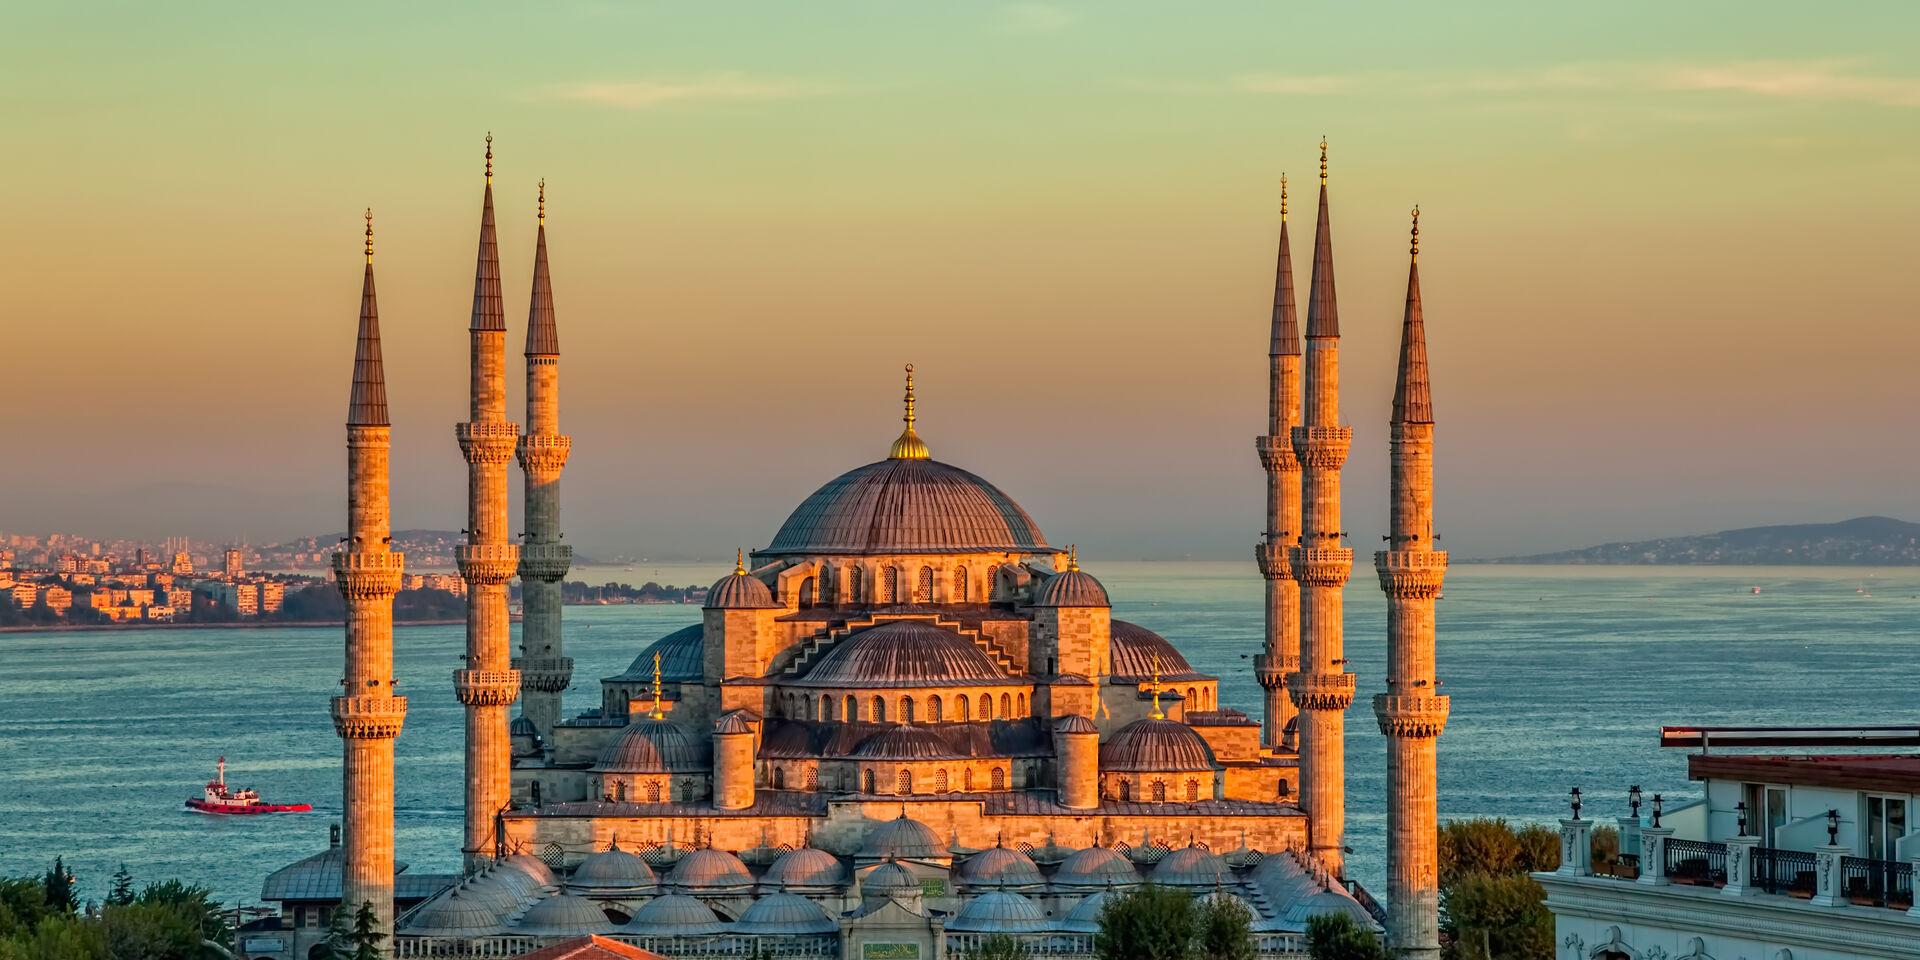 تاريخ مدينة إسطنبول - المدينة الوحيدة في العالم التي توجد في أكثر من قارة واحدة - عاصمة الثقافة الأوروبية عام 2010 - مدينة اسطنبول